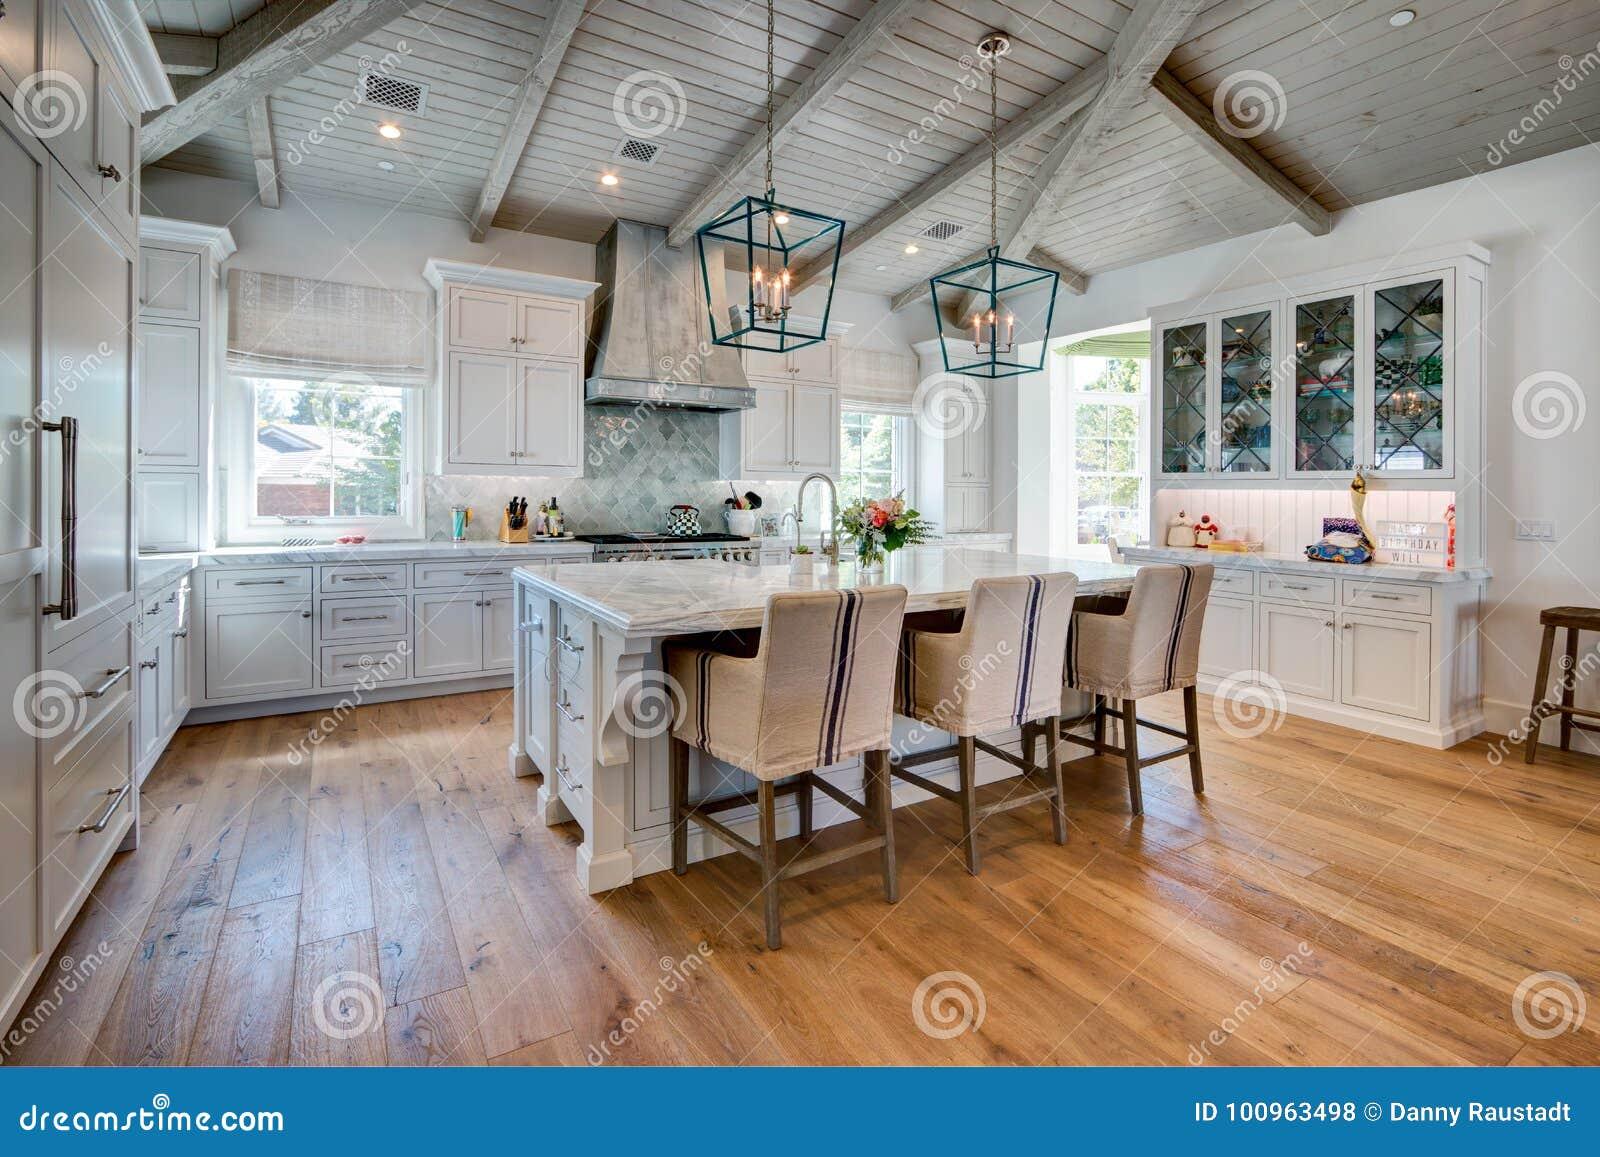 Huge bright modern home kitchen